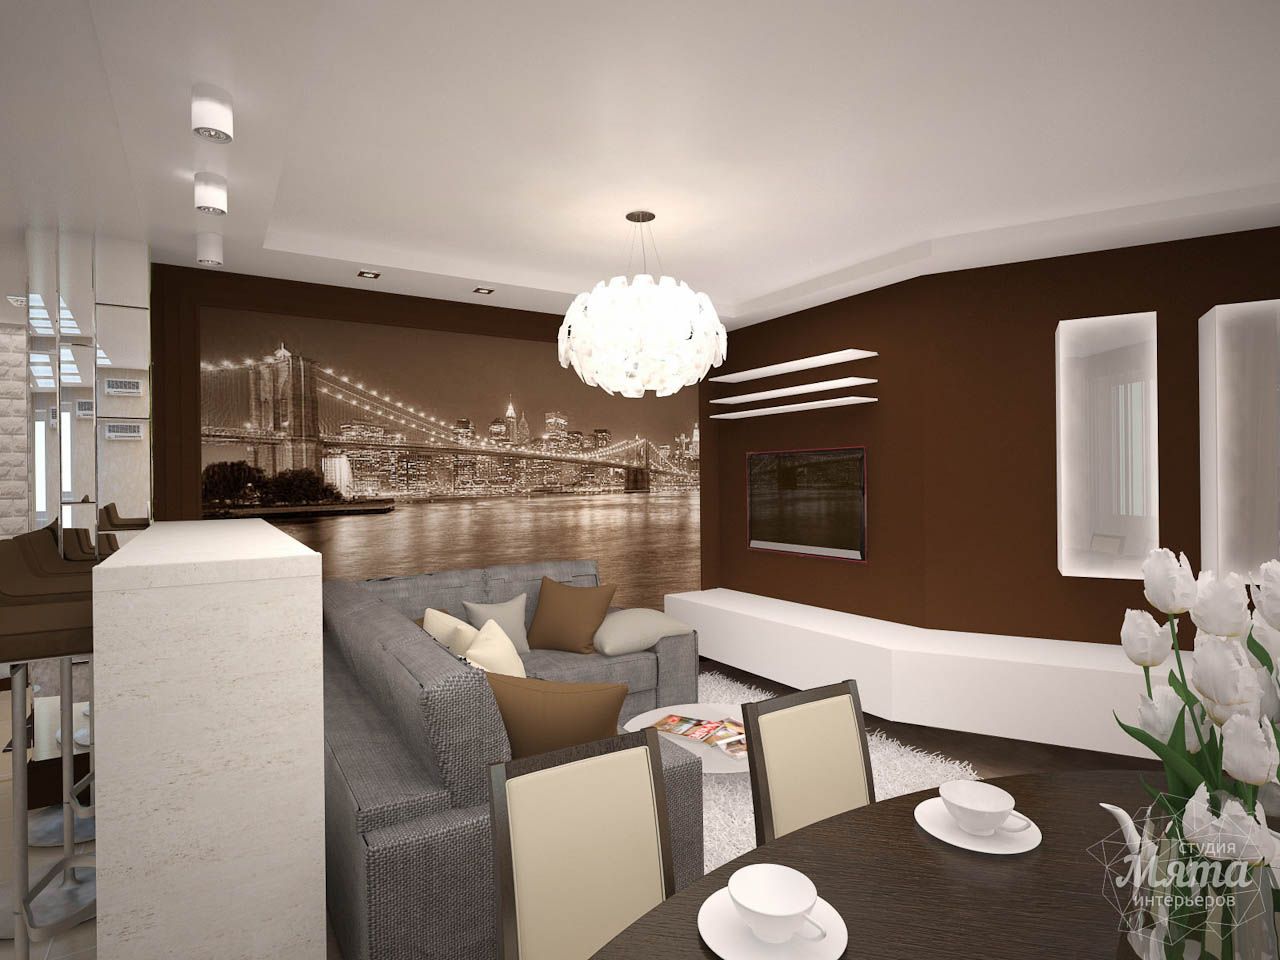 Дизайн интерьера трехкомнатной квартиры по ул. Белинского 222 img1089957428